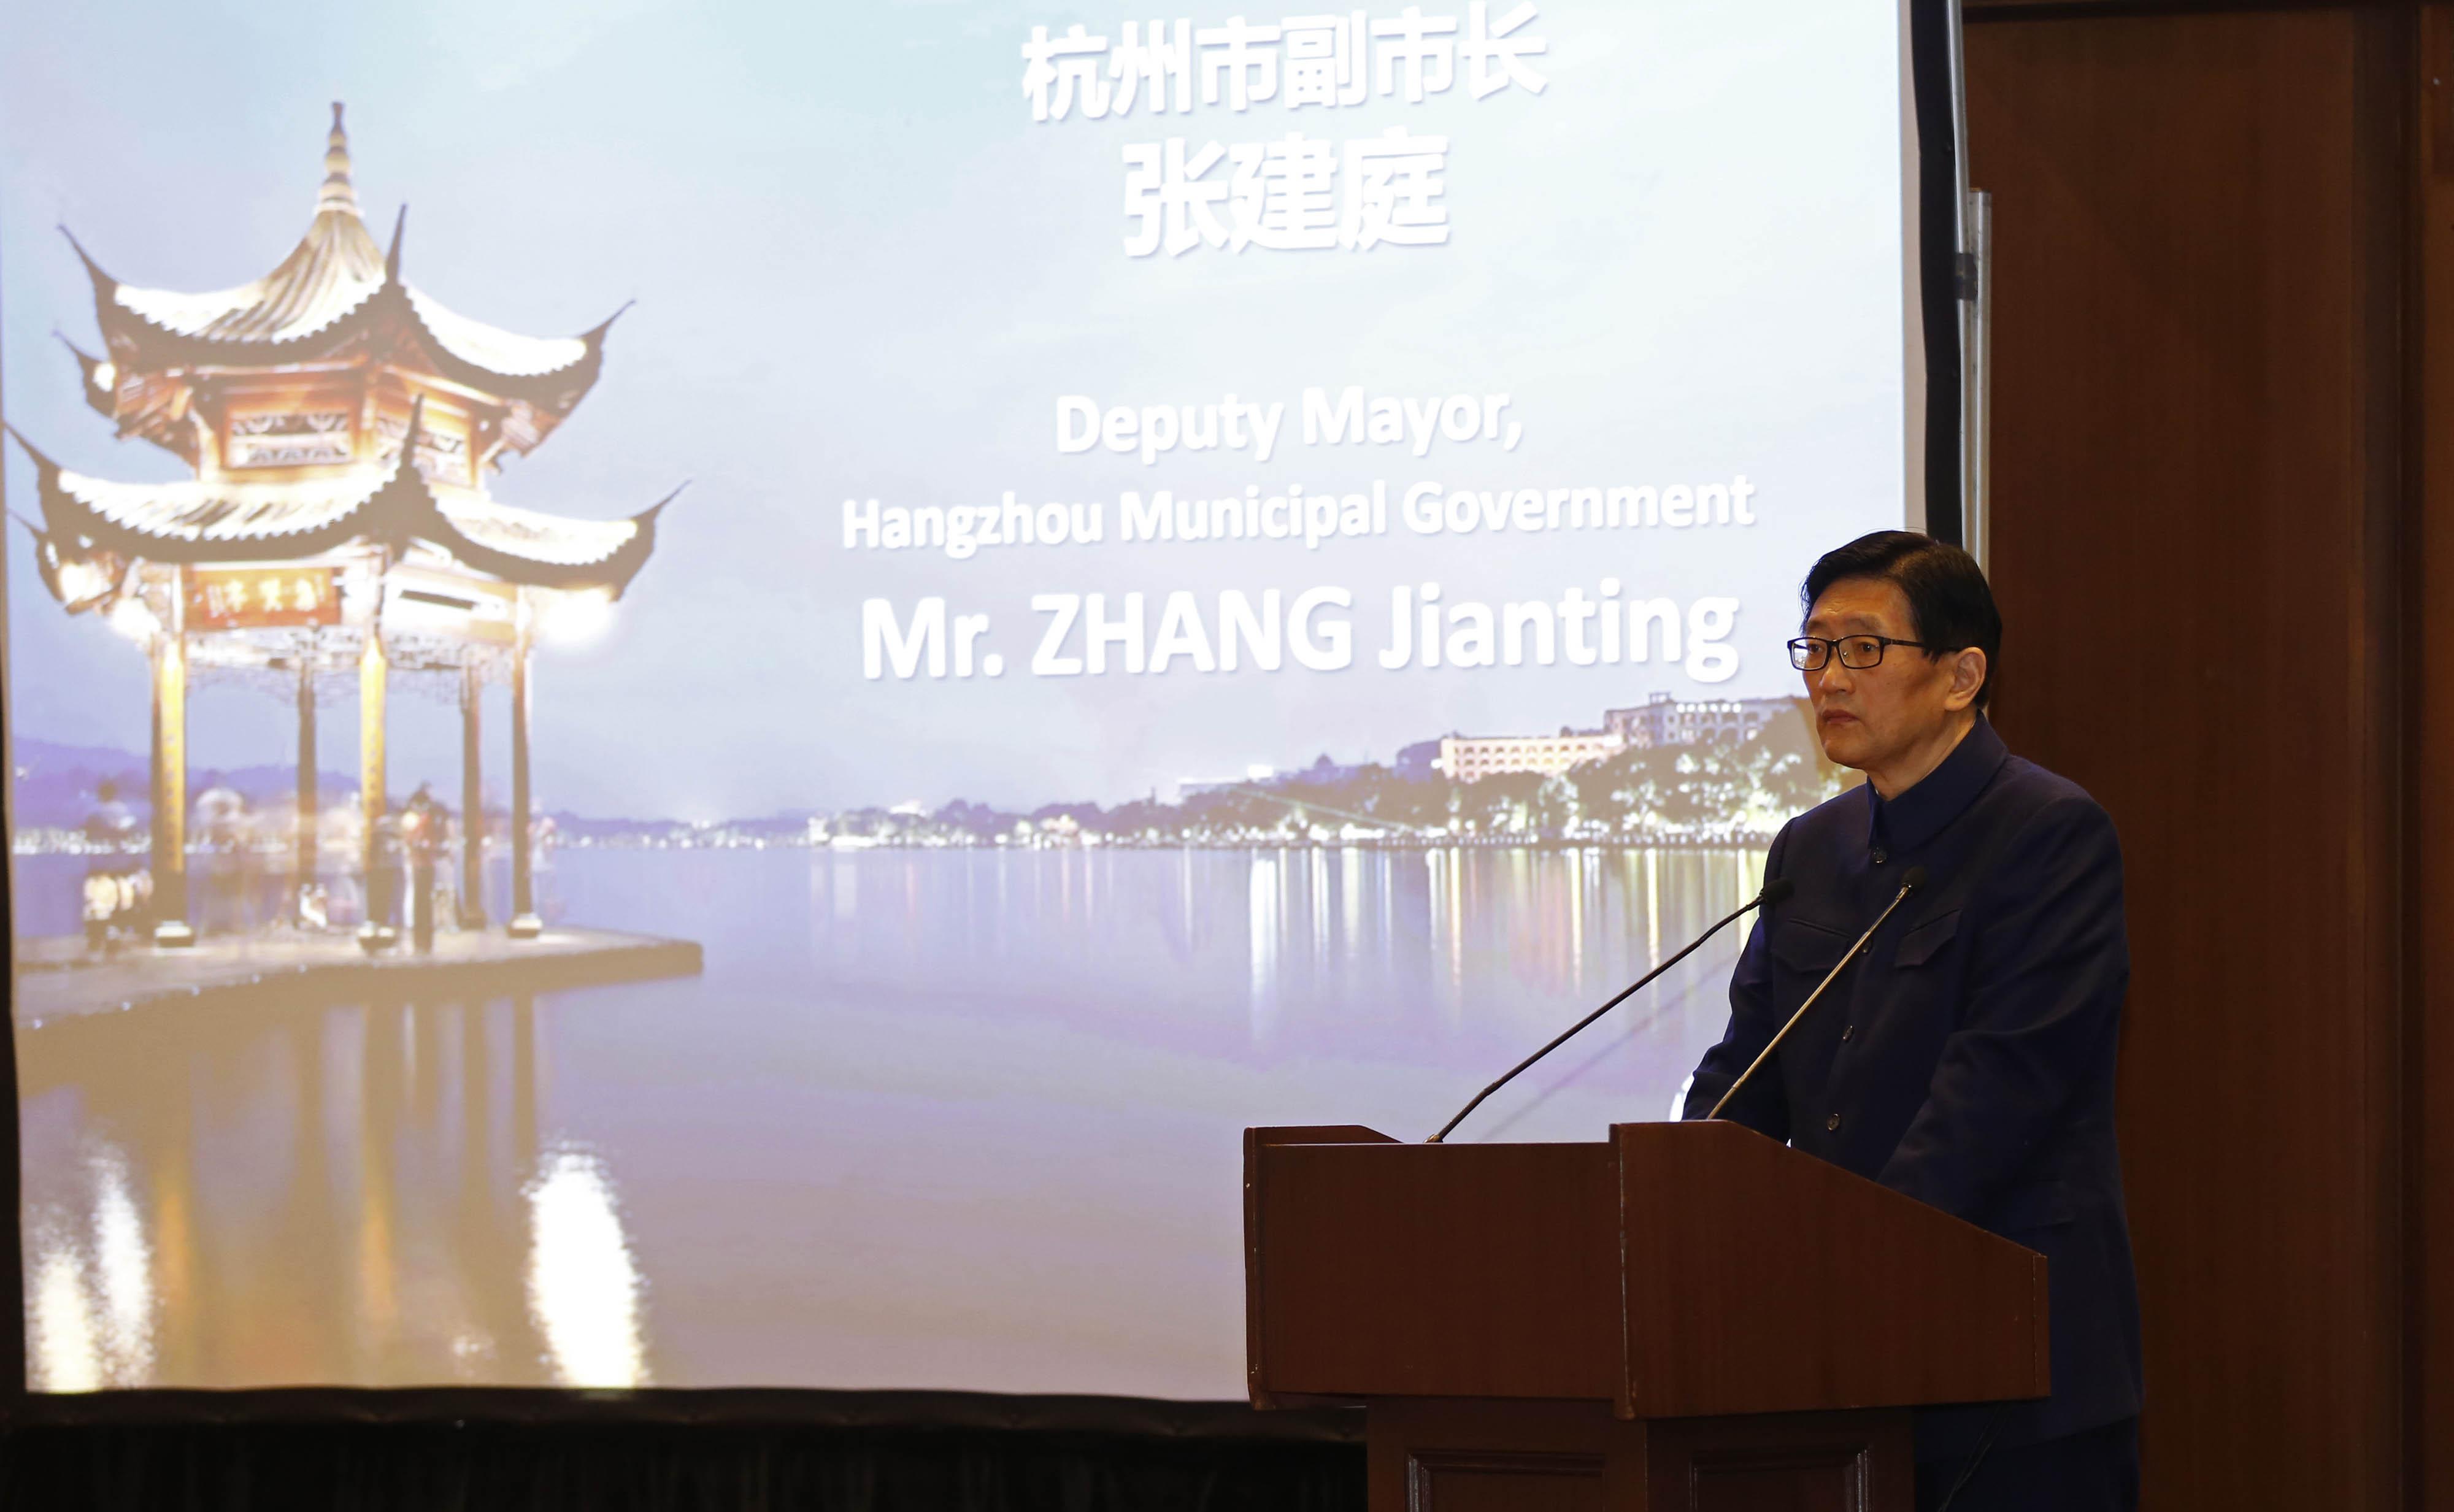 Hangzhou Belediye Başkanı Yardımcısı Zhang Jianting